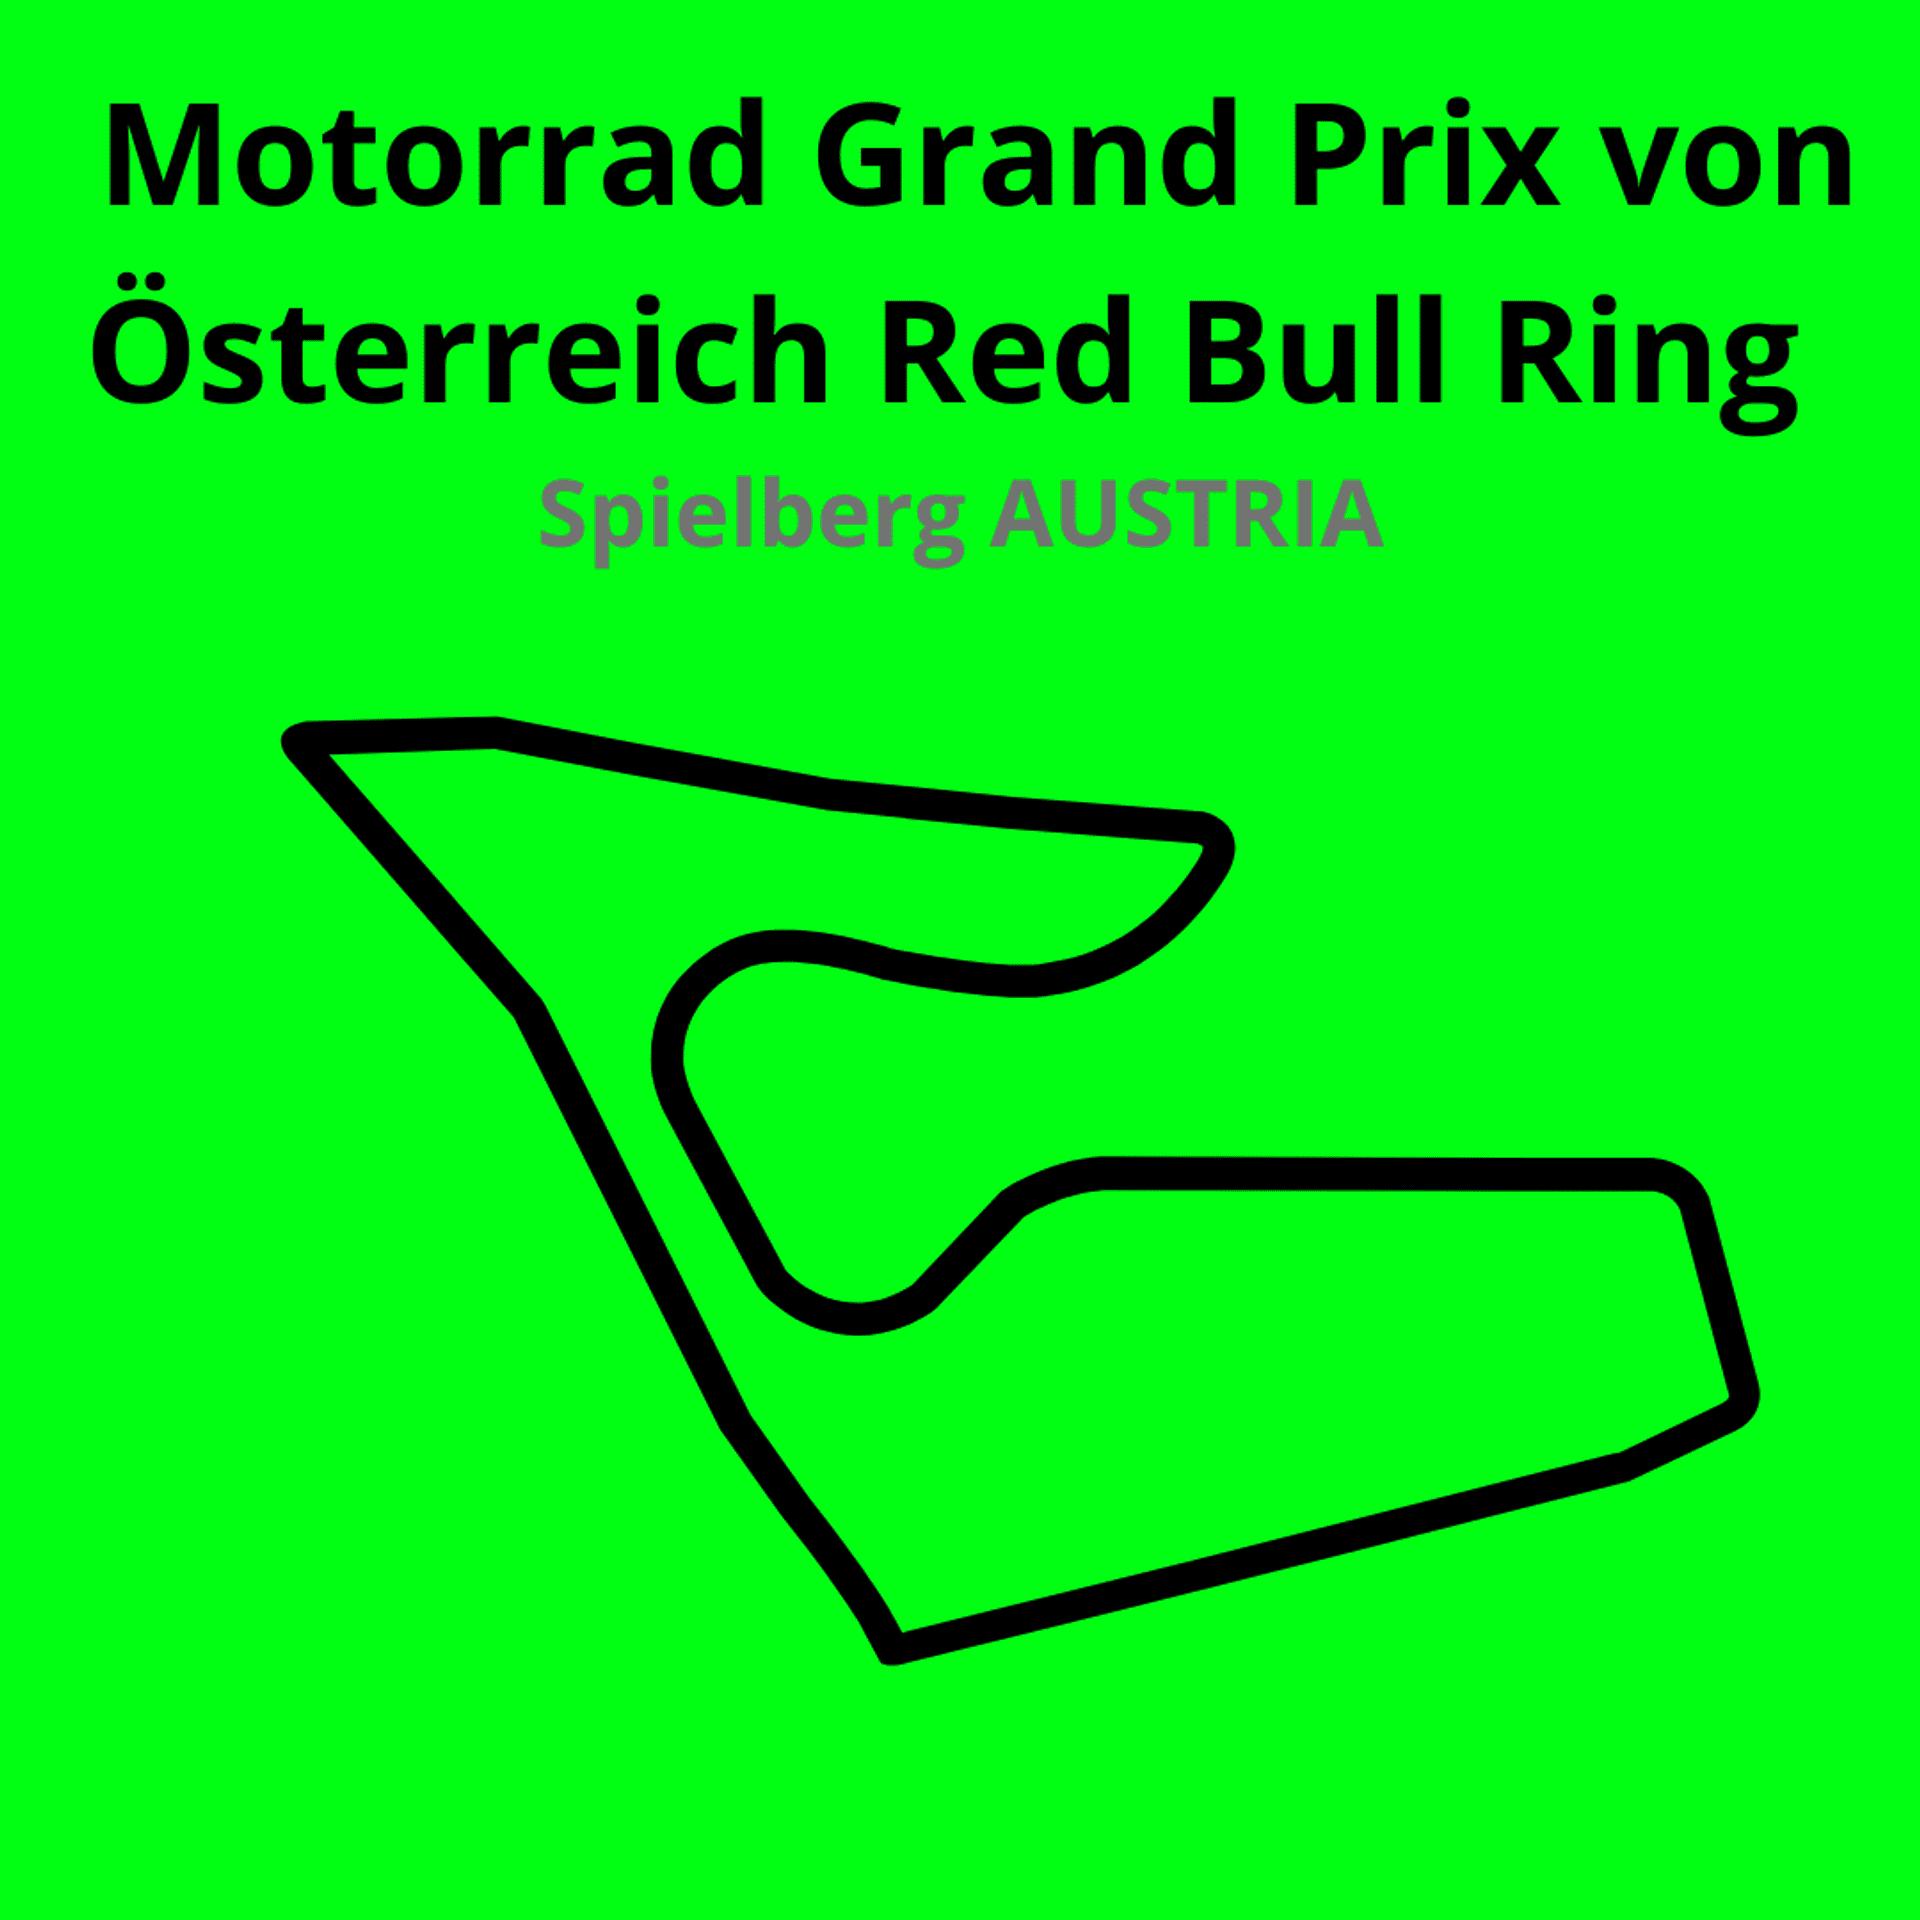 Motorrad Grand Prix Red Bull Ring. Scopri tutte le gare del moto mondiale 2021.Le caratteristiche di ogni circuito, i record e difficoltà.Segui insieme a noi tutte le gare di Tony Arbolino nella sua nuova avventura in Moto2